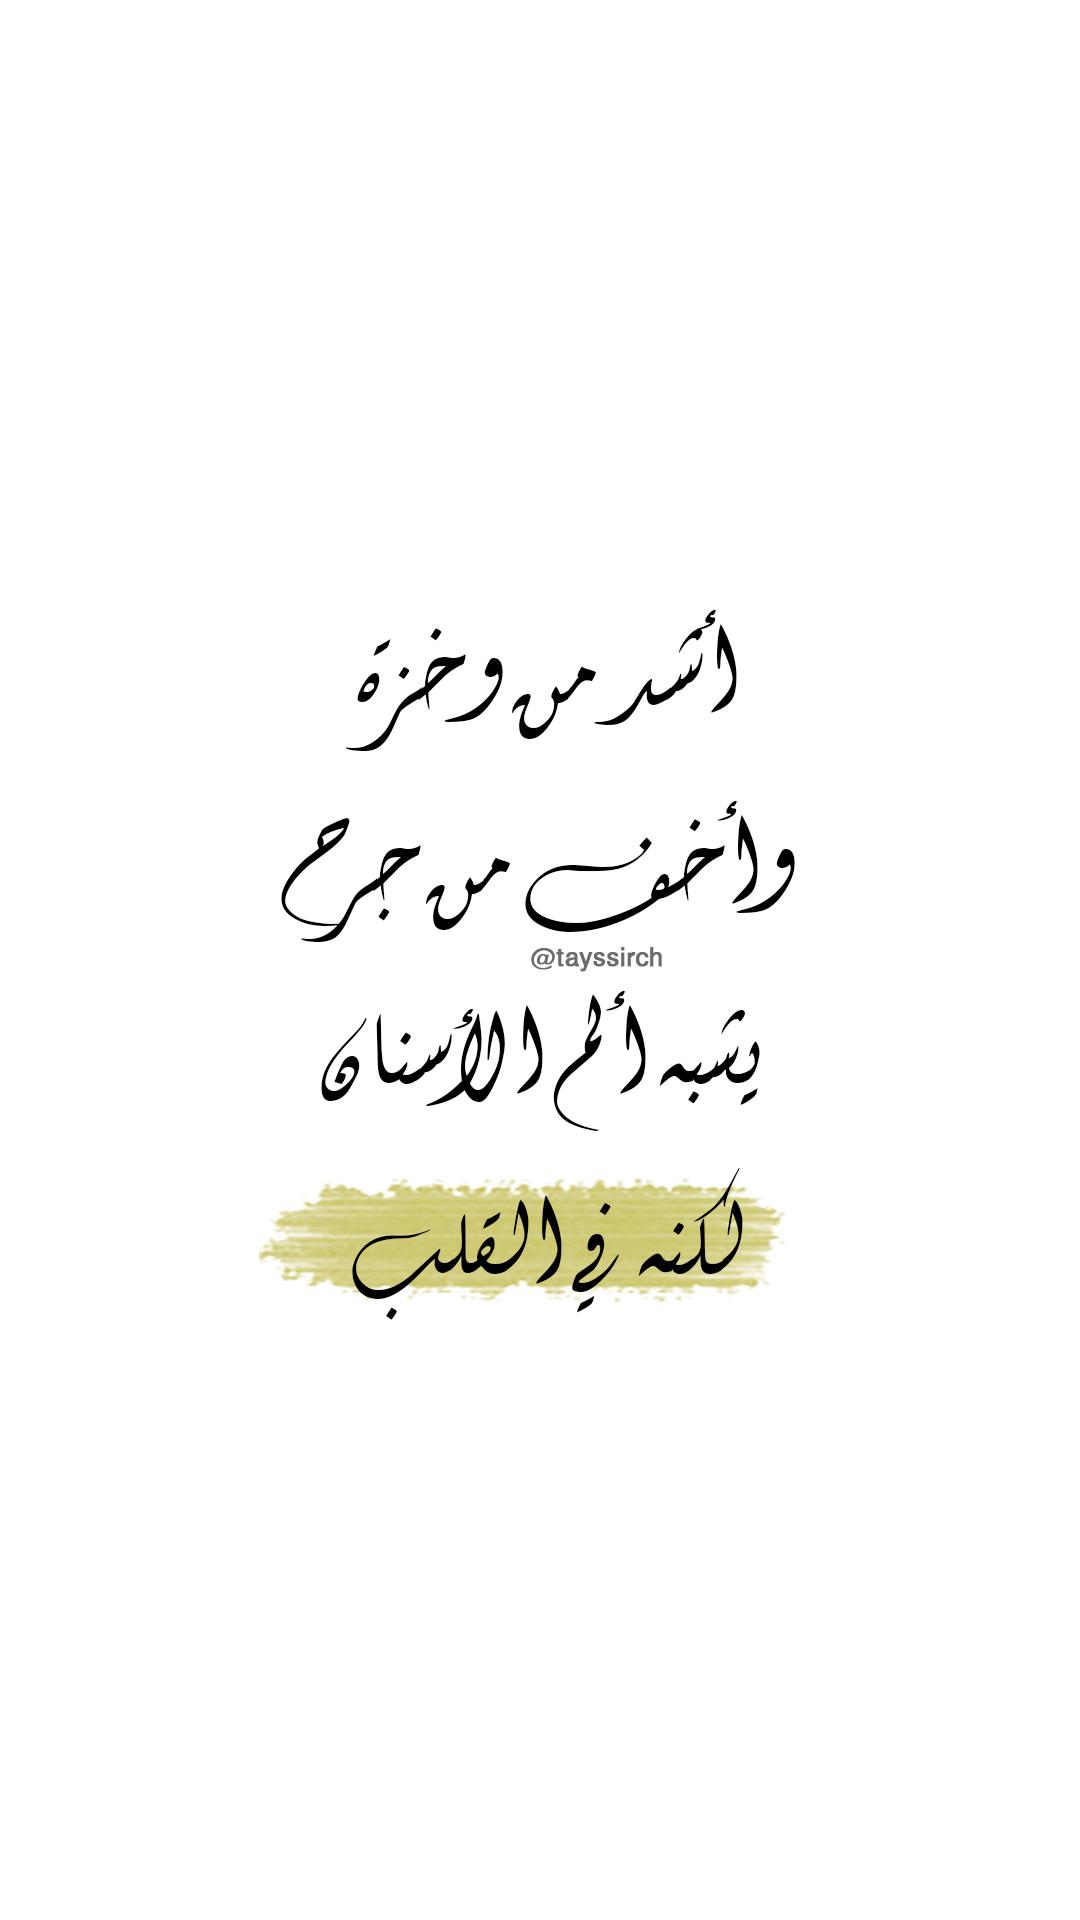 أشد من وخزة ألم في القلب Beautiful Arabic Words Words Quotes Life Quotes